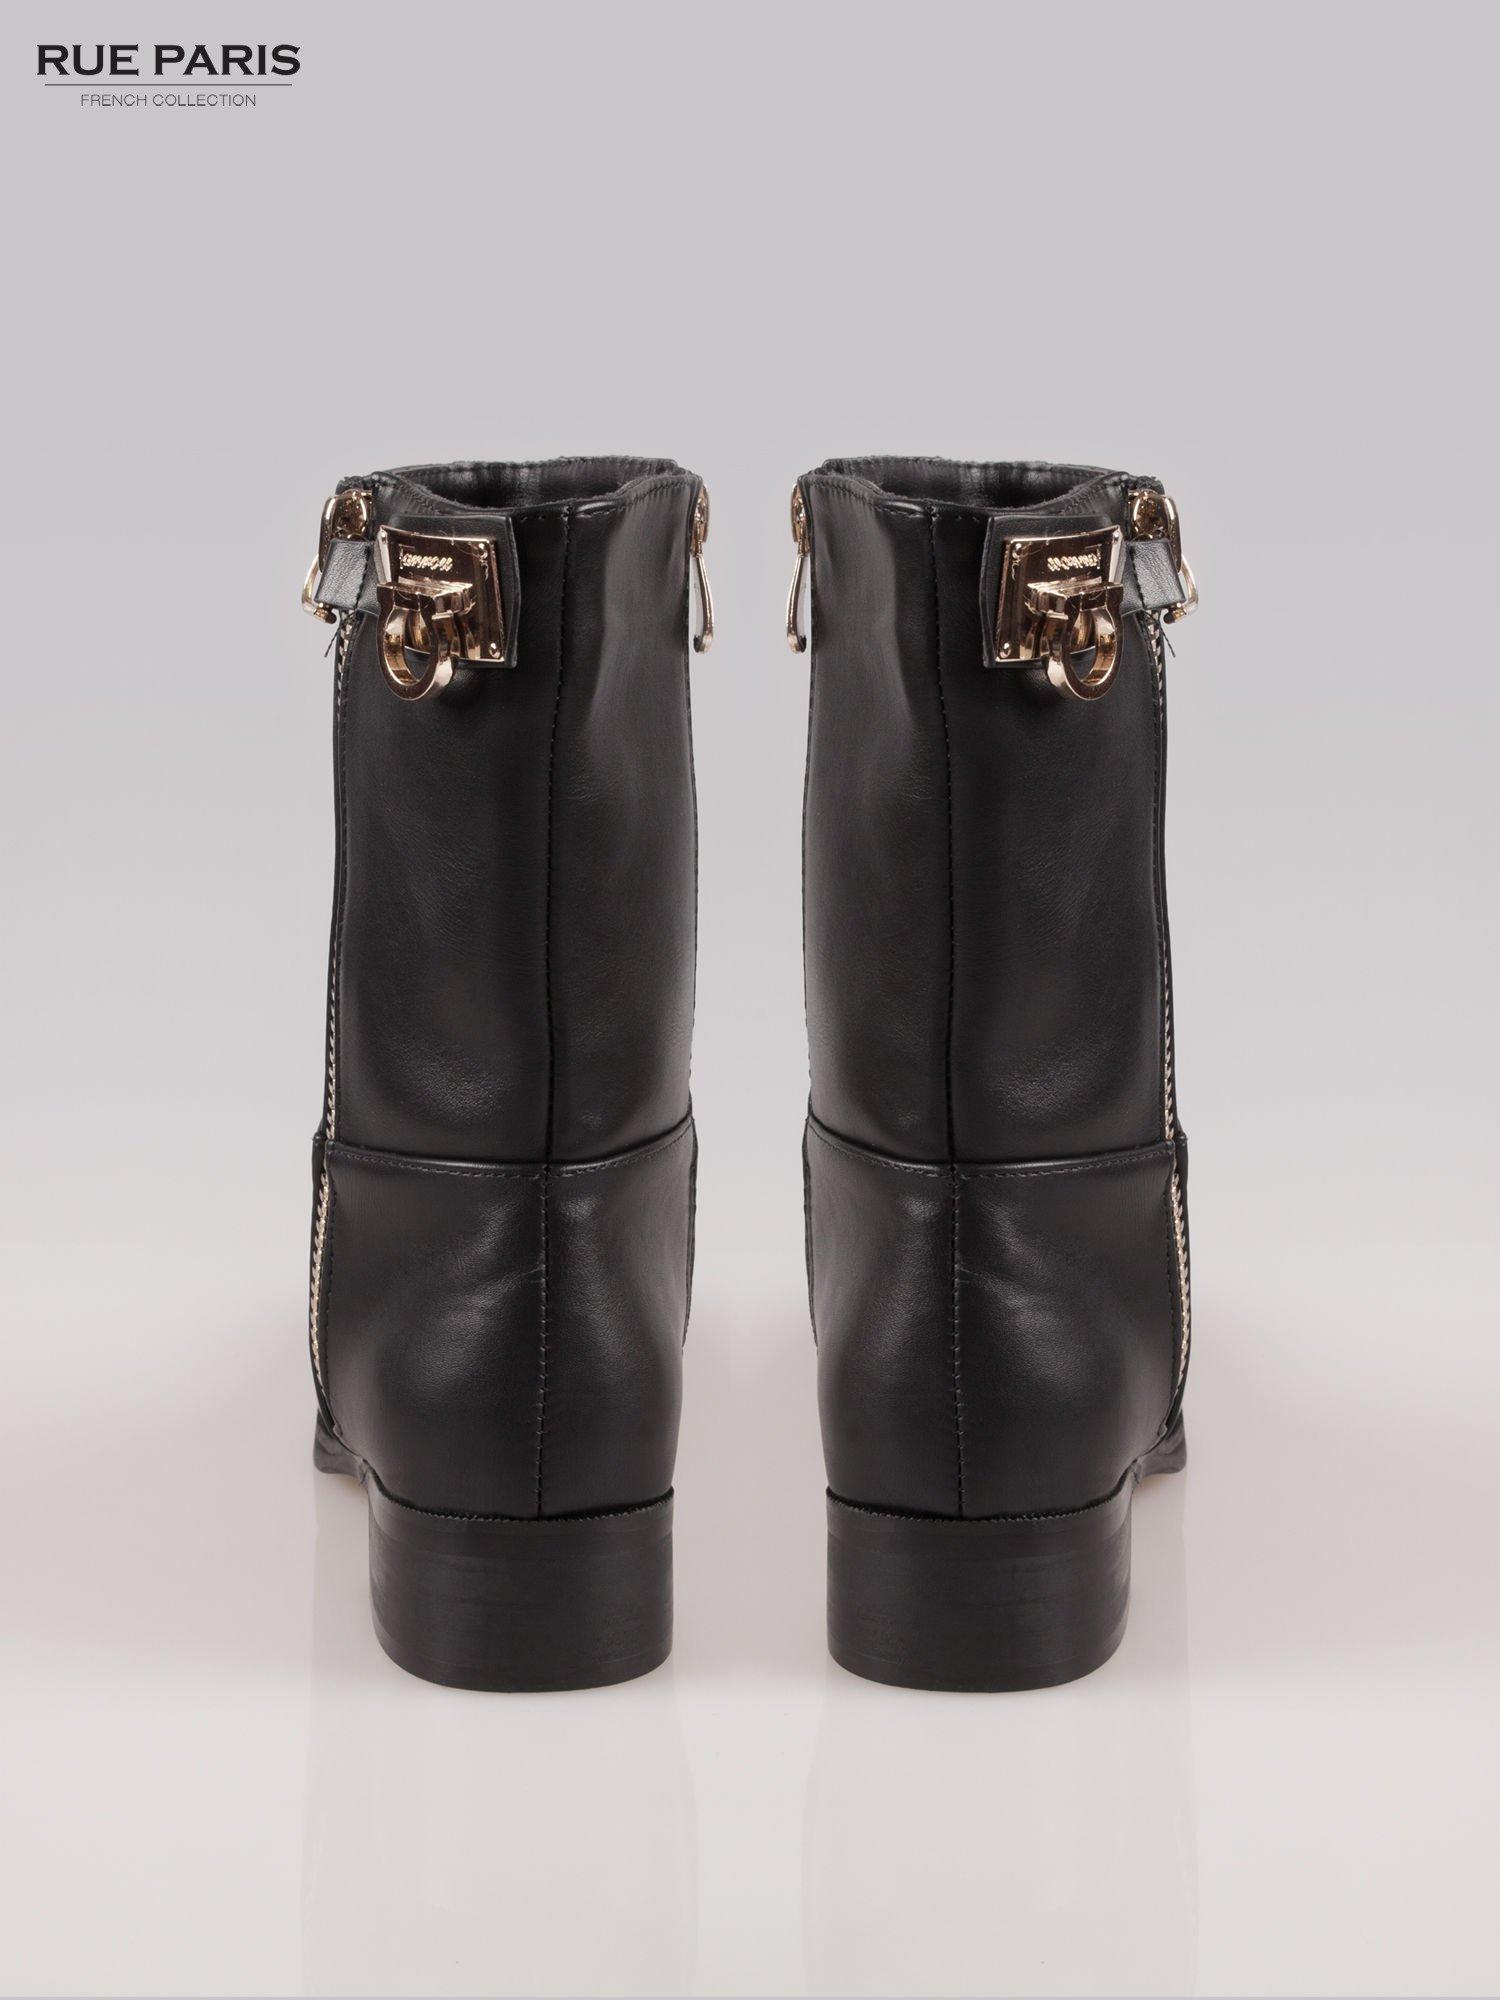 Czarne botki biker boots ze złotą sprzączką i zamkiem                                  zdj.                                  3